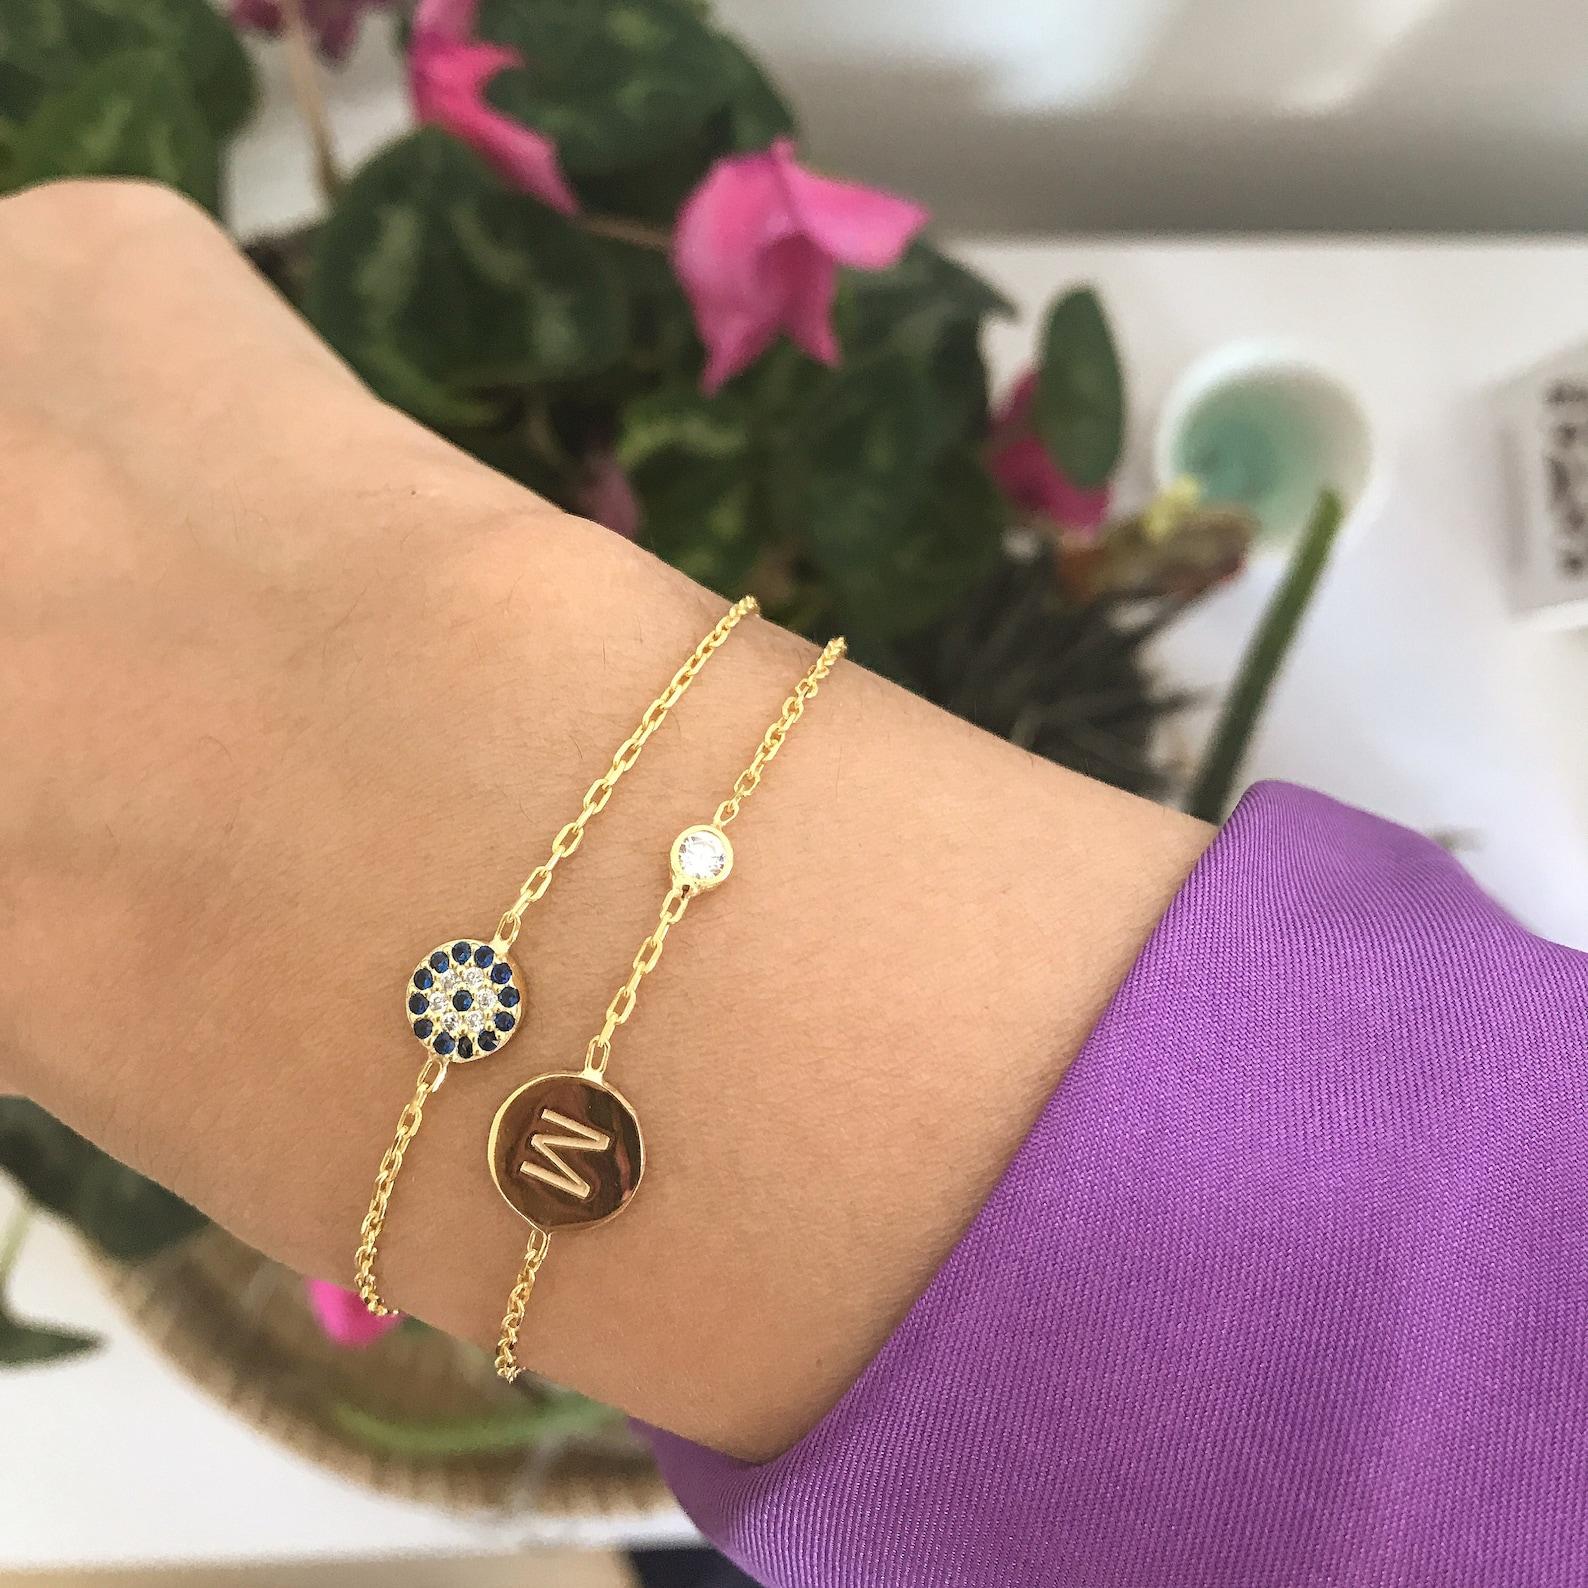 Birthstone Personalised Bracelet